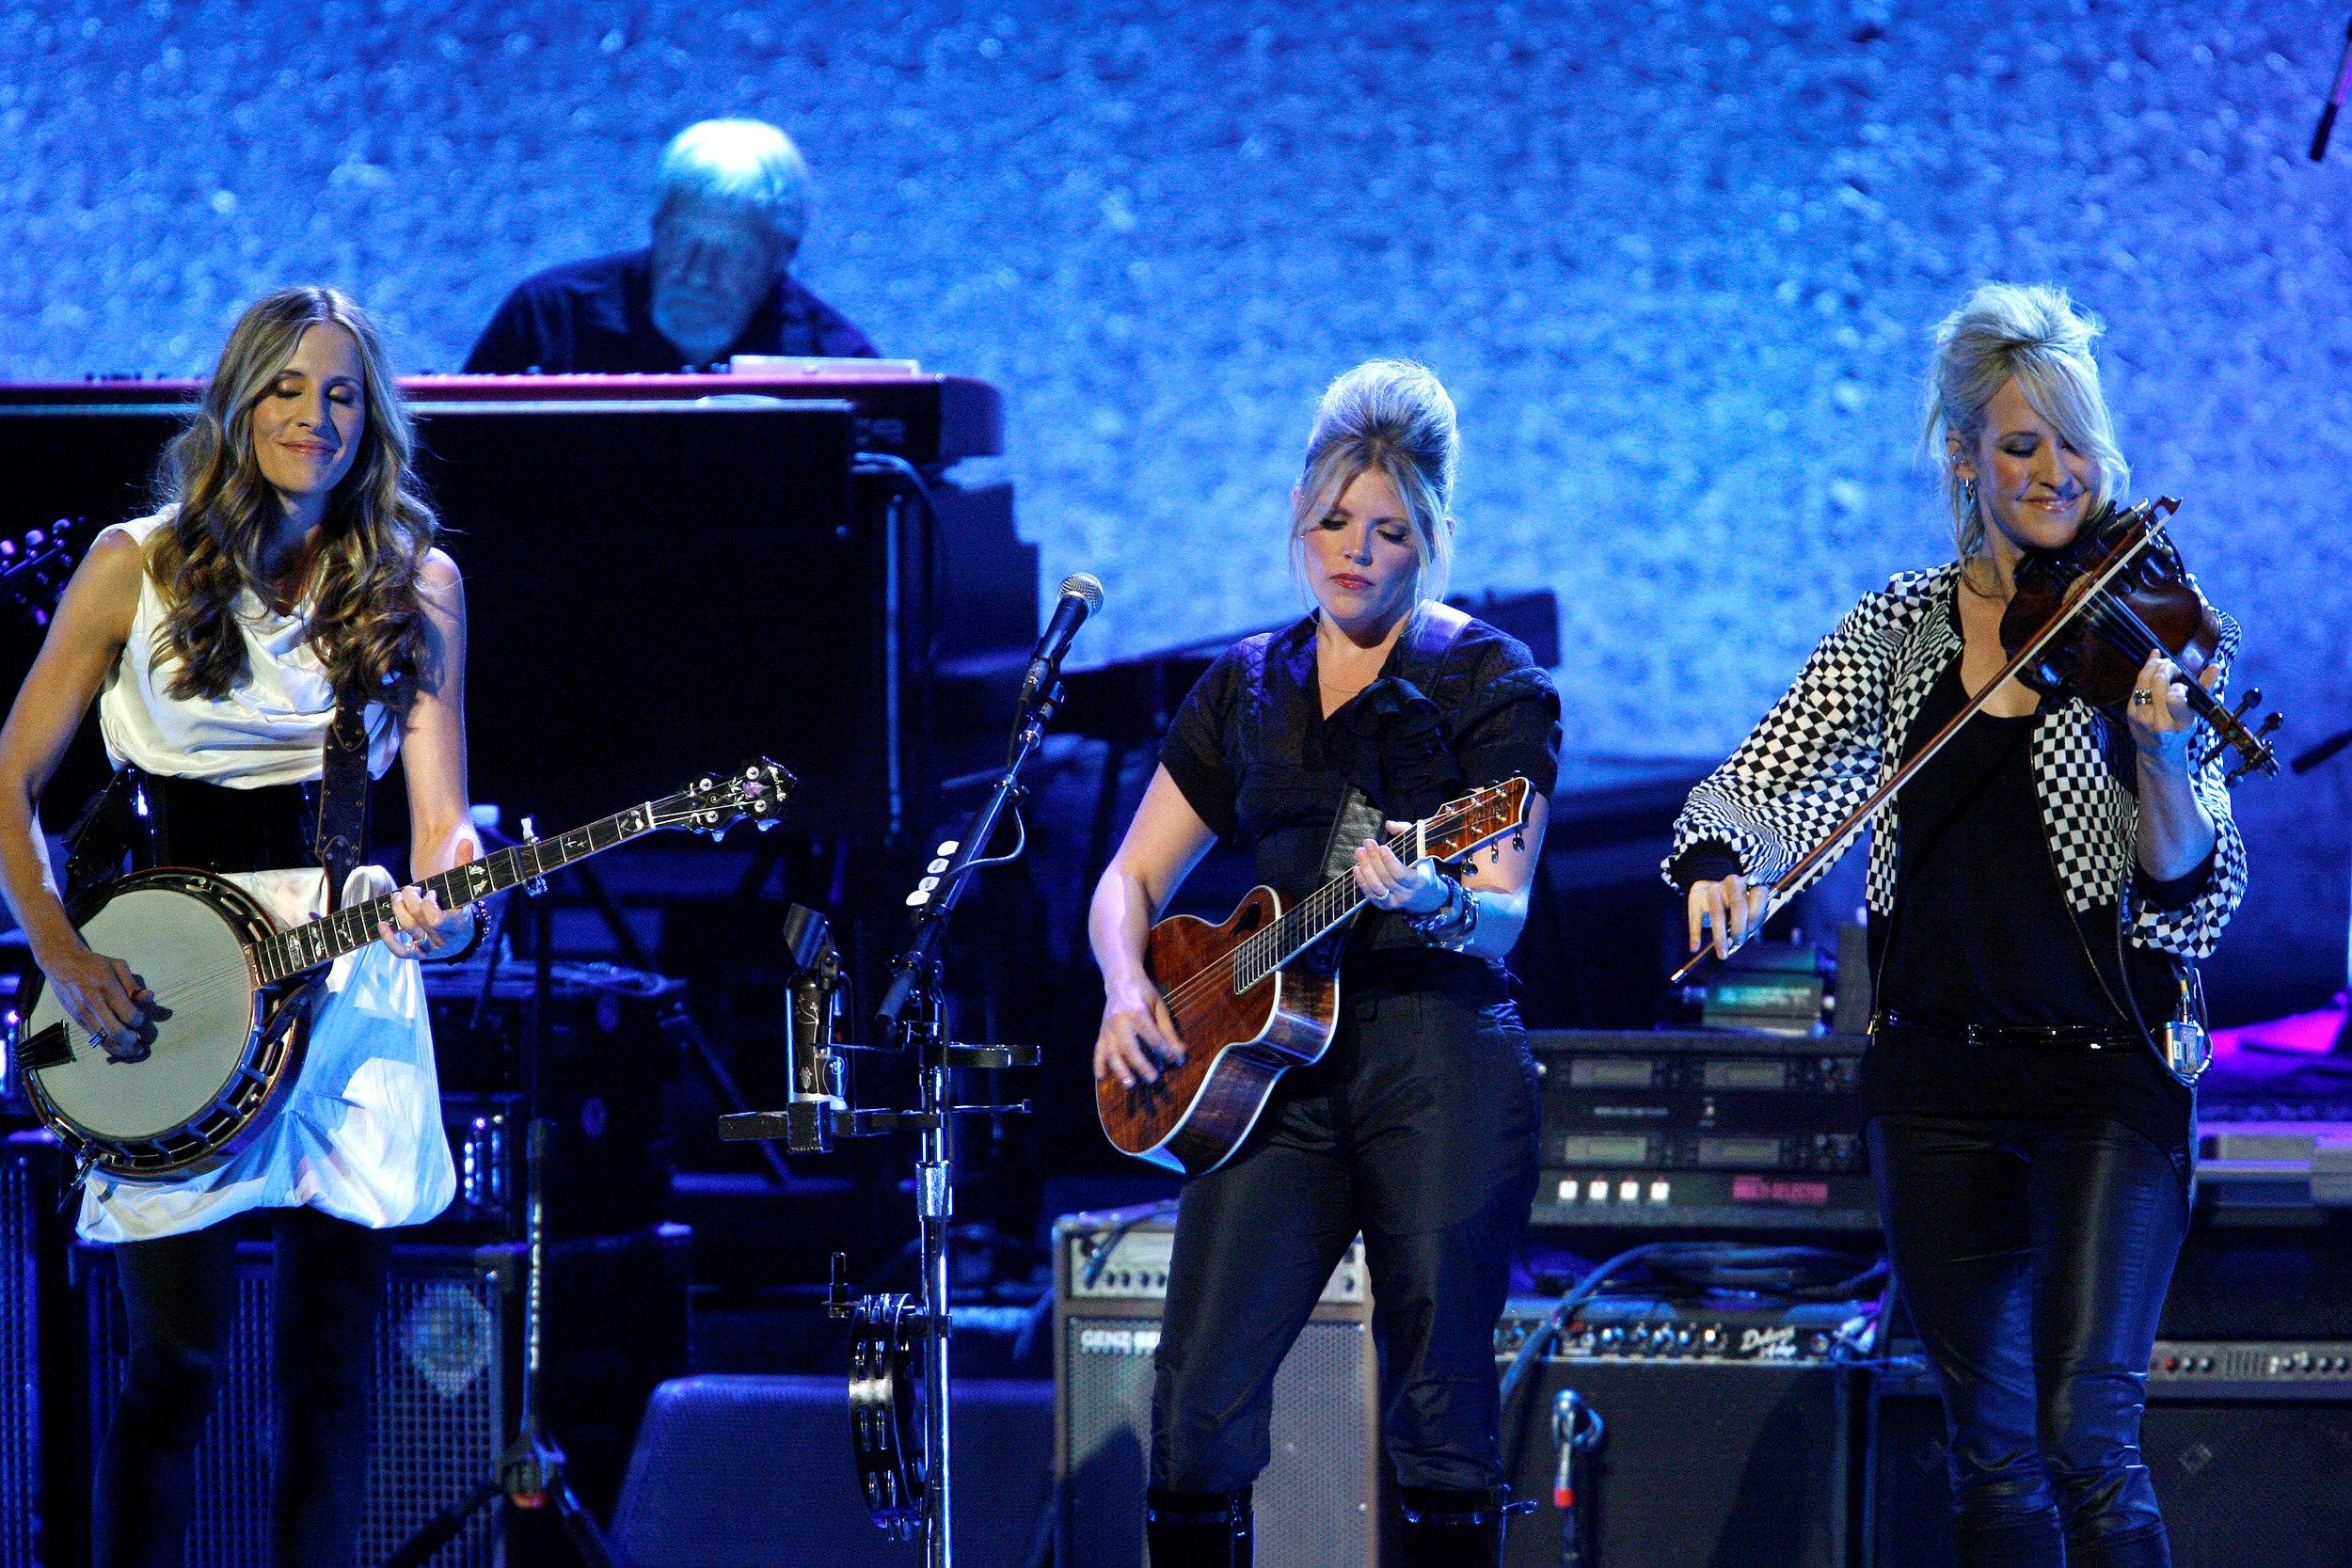 Δυναμική επιστροφή για τις «The Chicks» – Έβγαλαν νέο άλμπουμ με 12 τραγούδια